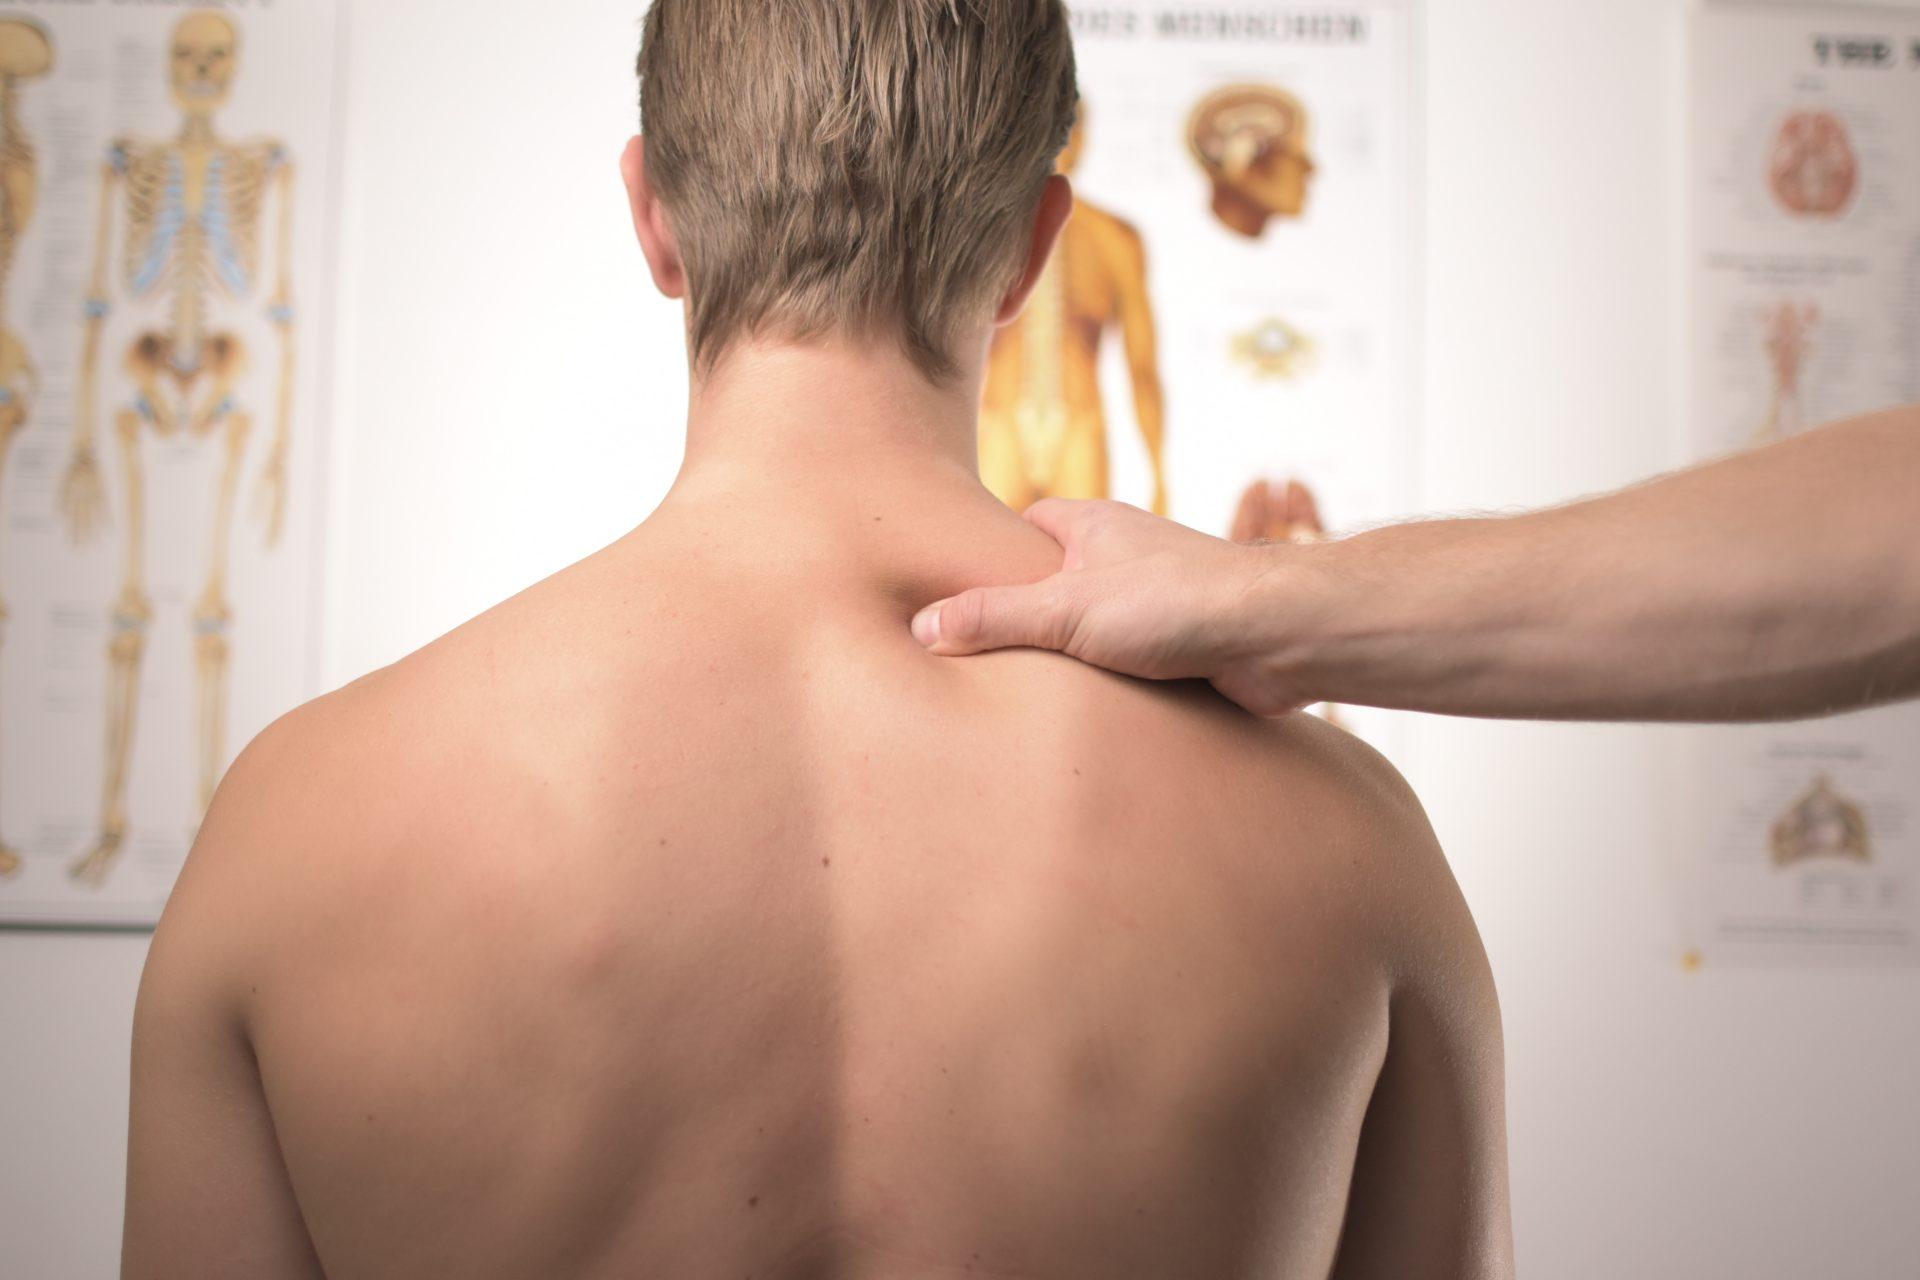 Meest voorkomende klachten voor osteopathische hulp